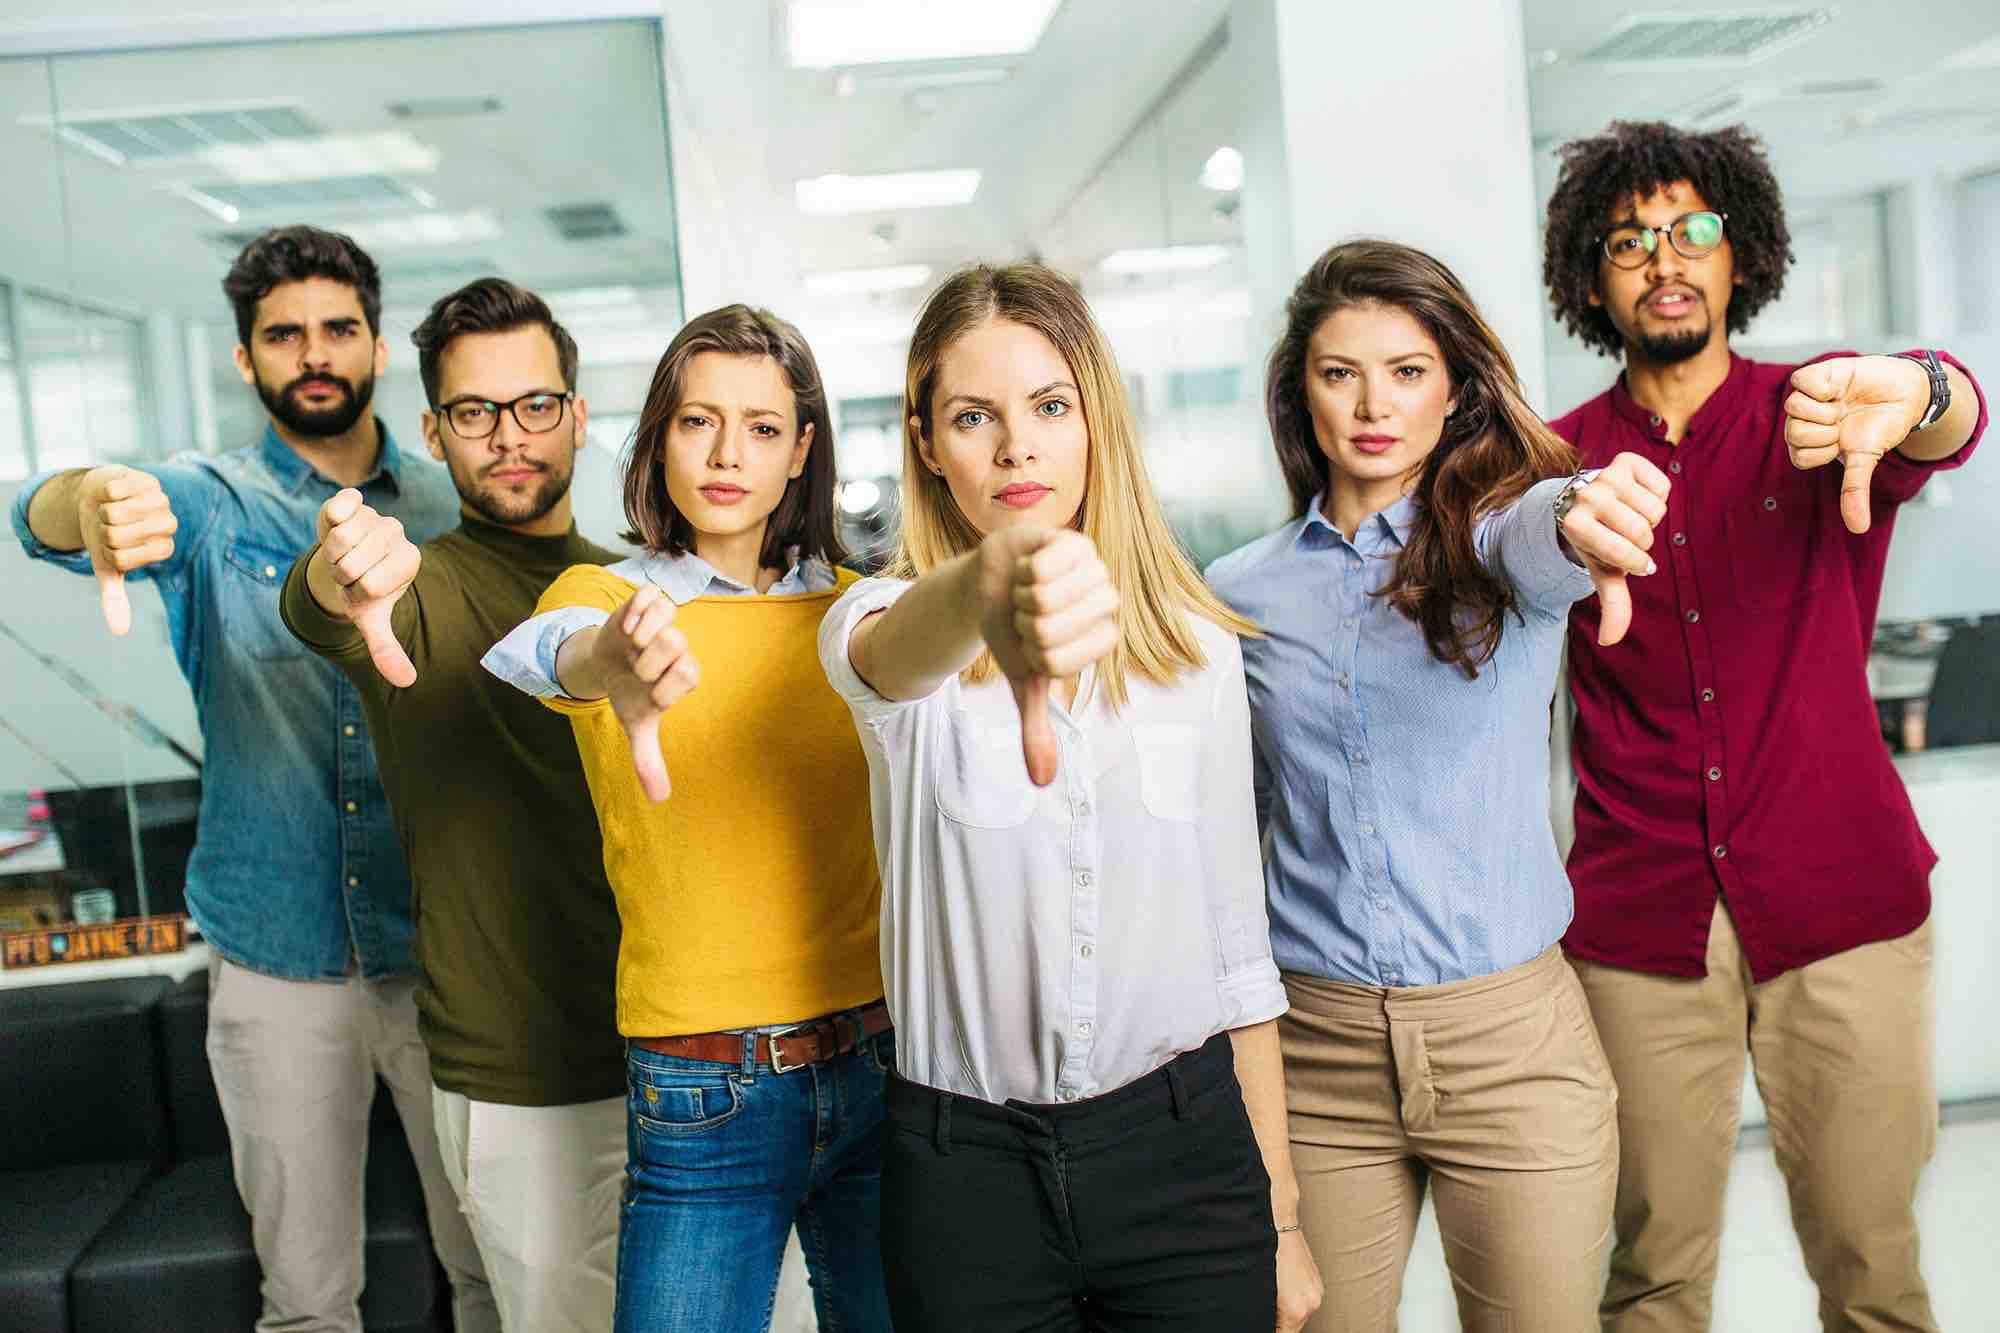 Lo que demandan laboralmente los Baby Boomers, Generación X y Millennials